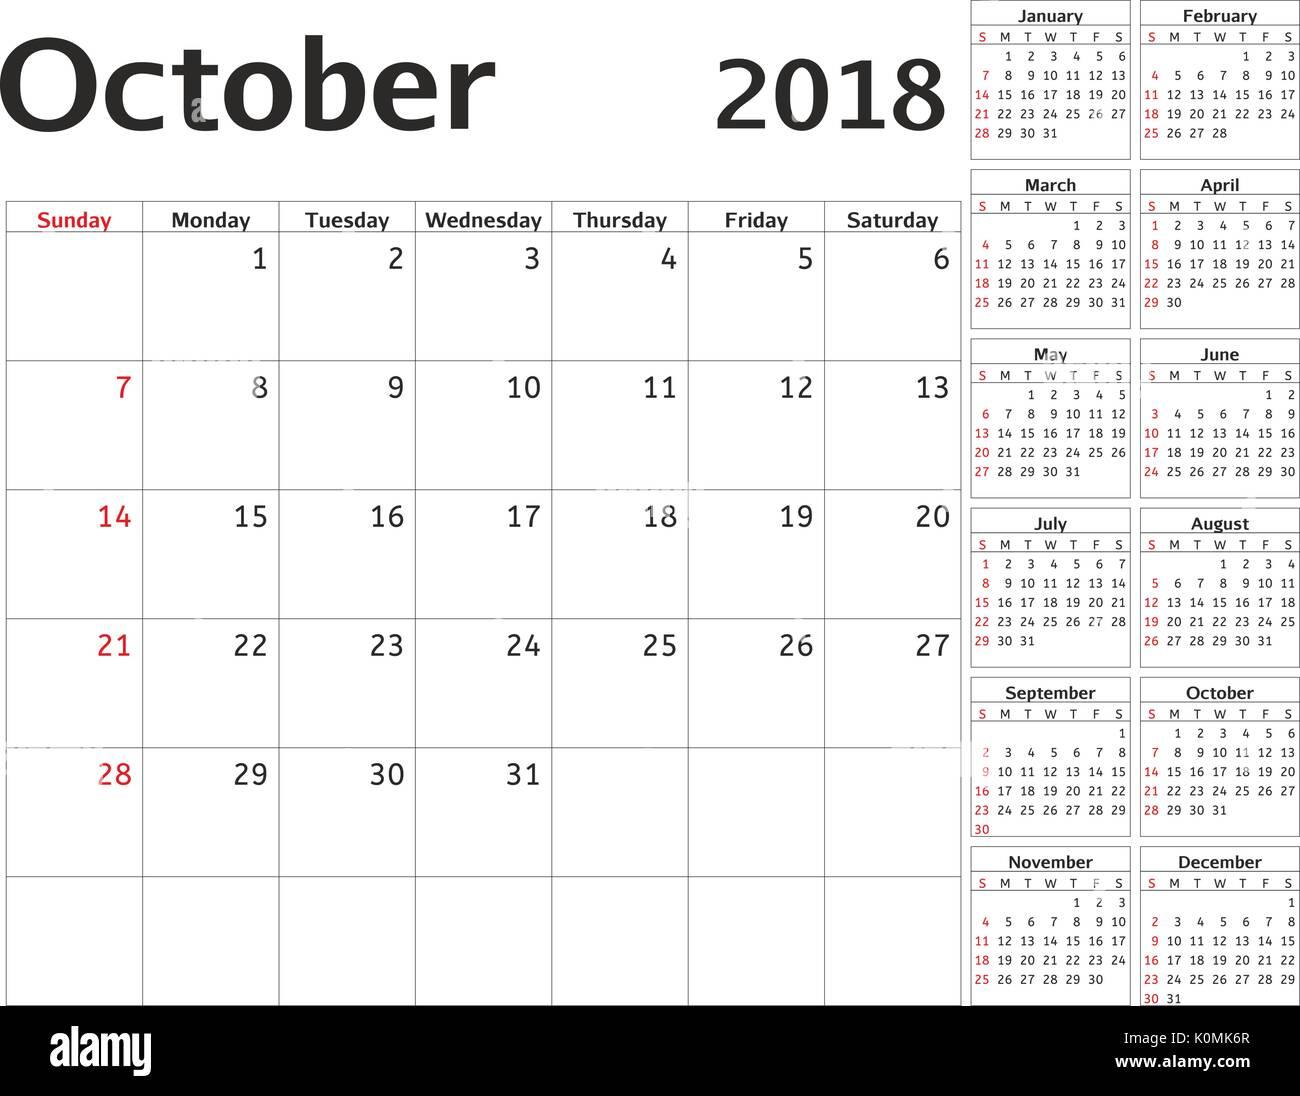 Rest Of Year Calendar : Einfacher kalender planer für jahr vektor design